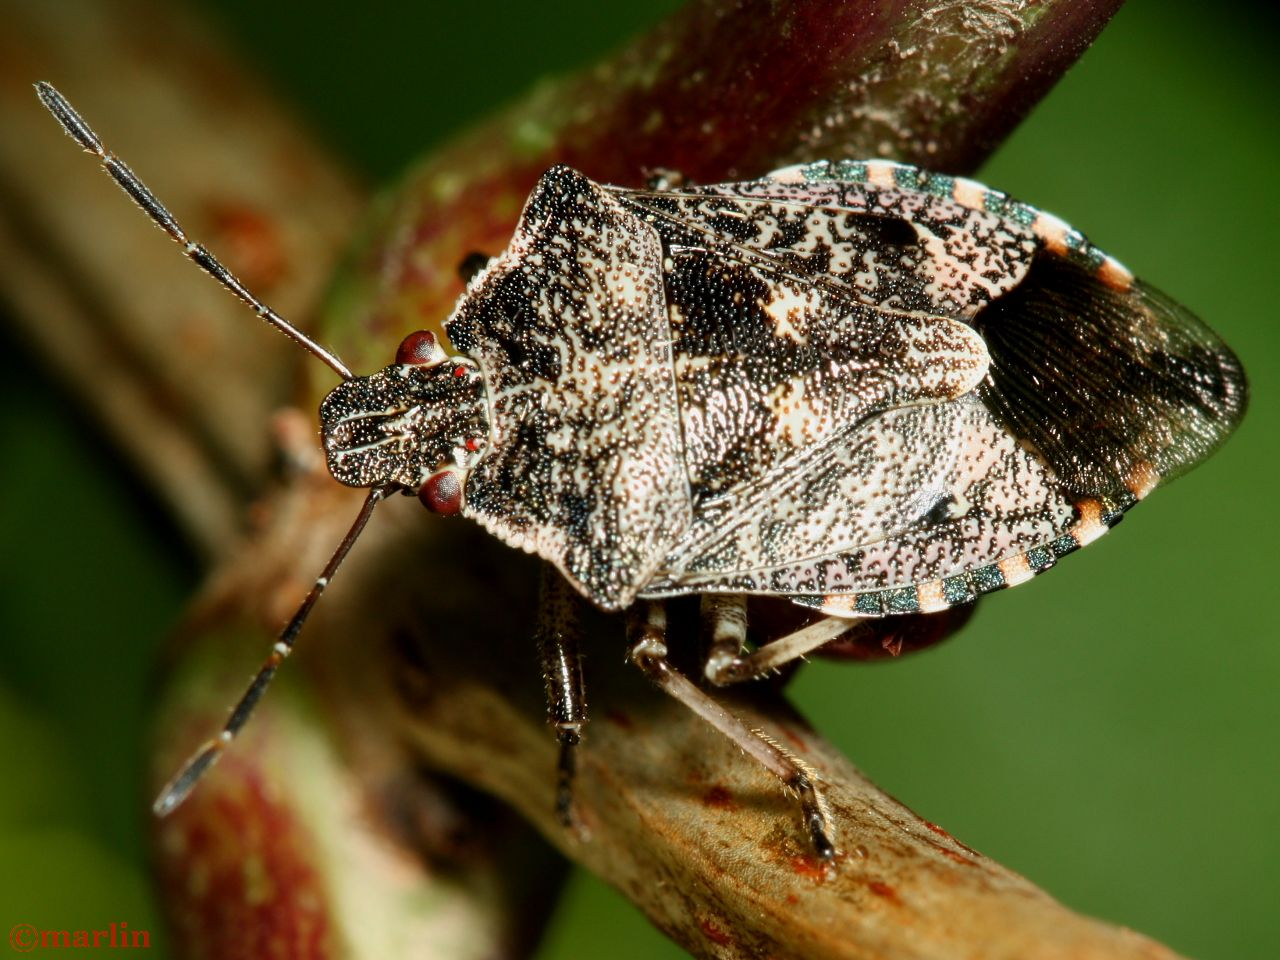 Predatory Stinkbug - Apateticus lineolatus